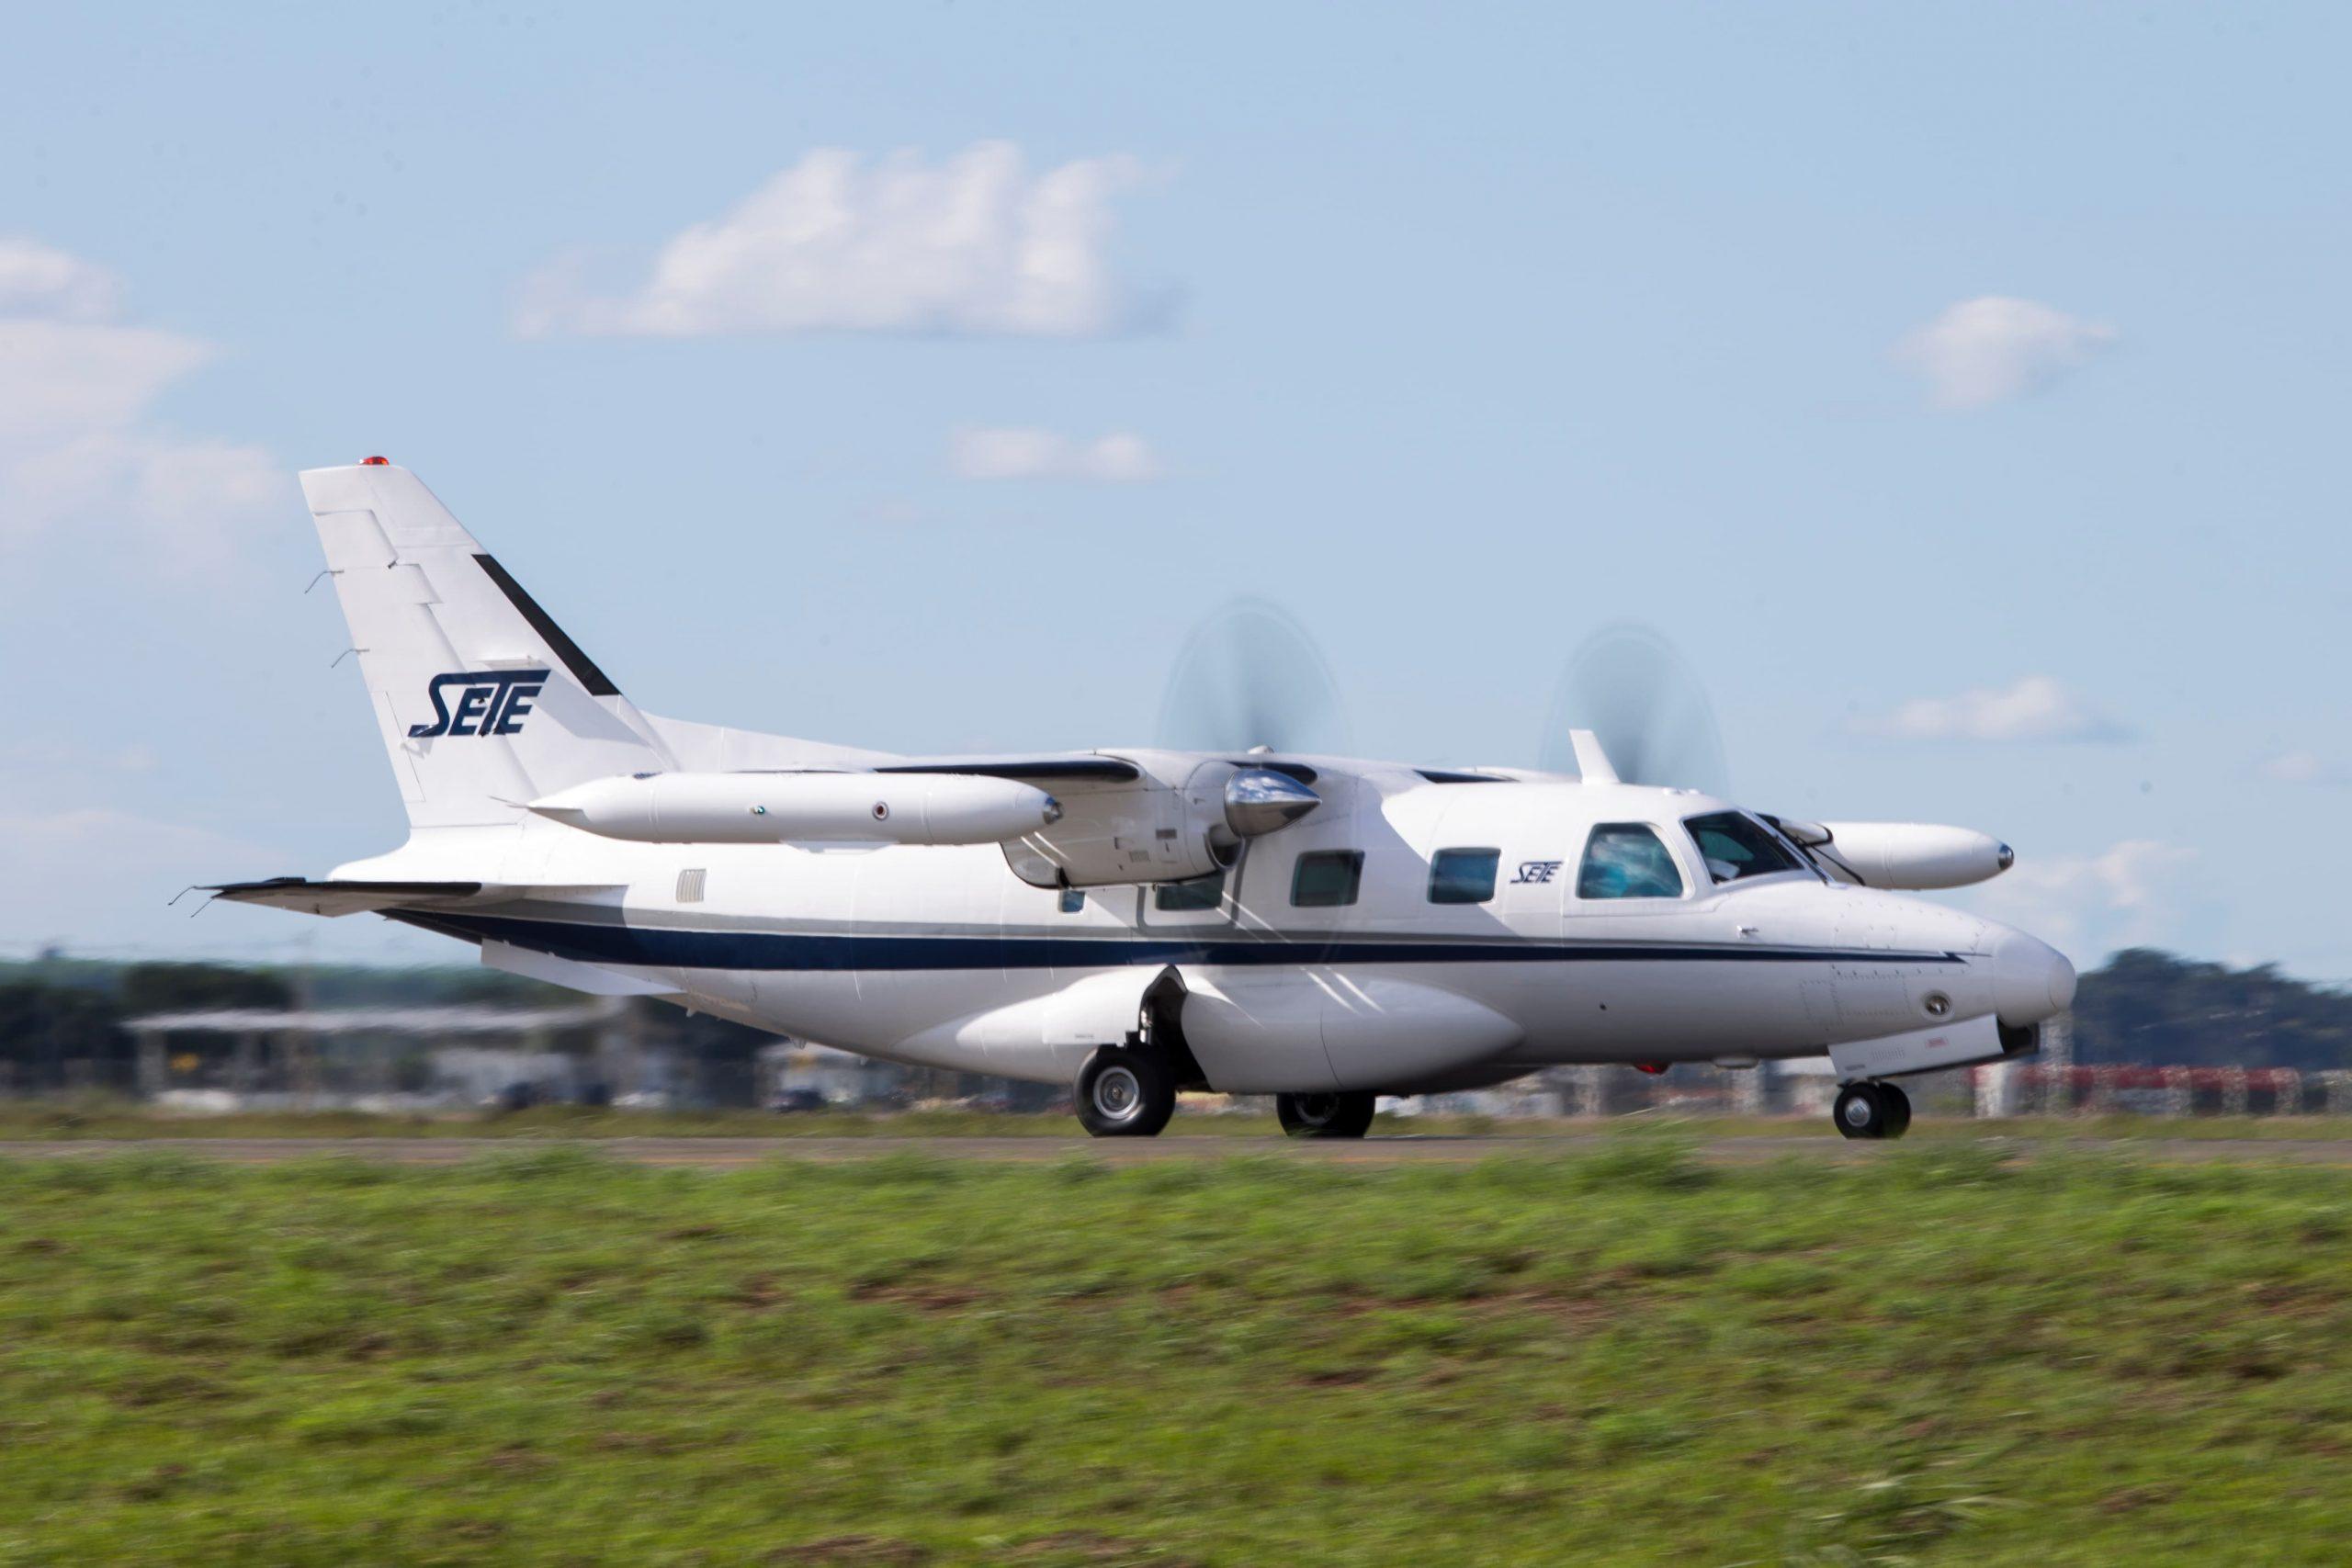 UTI Aérea Canãa dos Carajás Pará